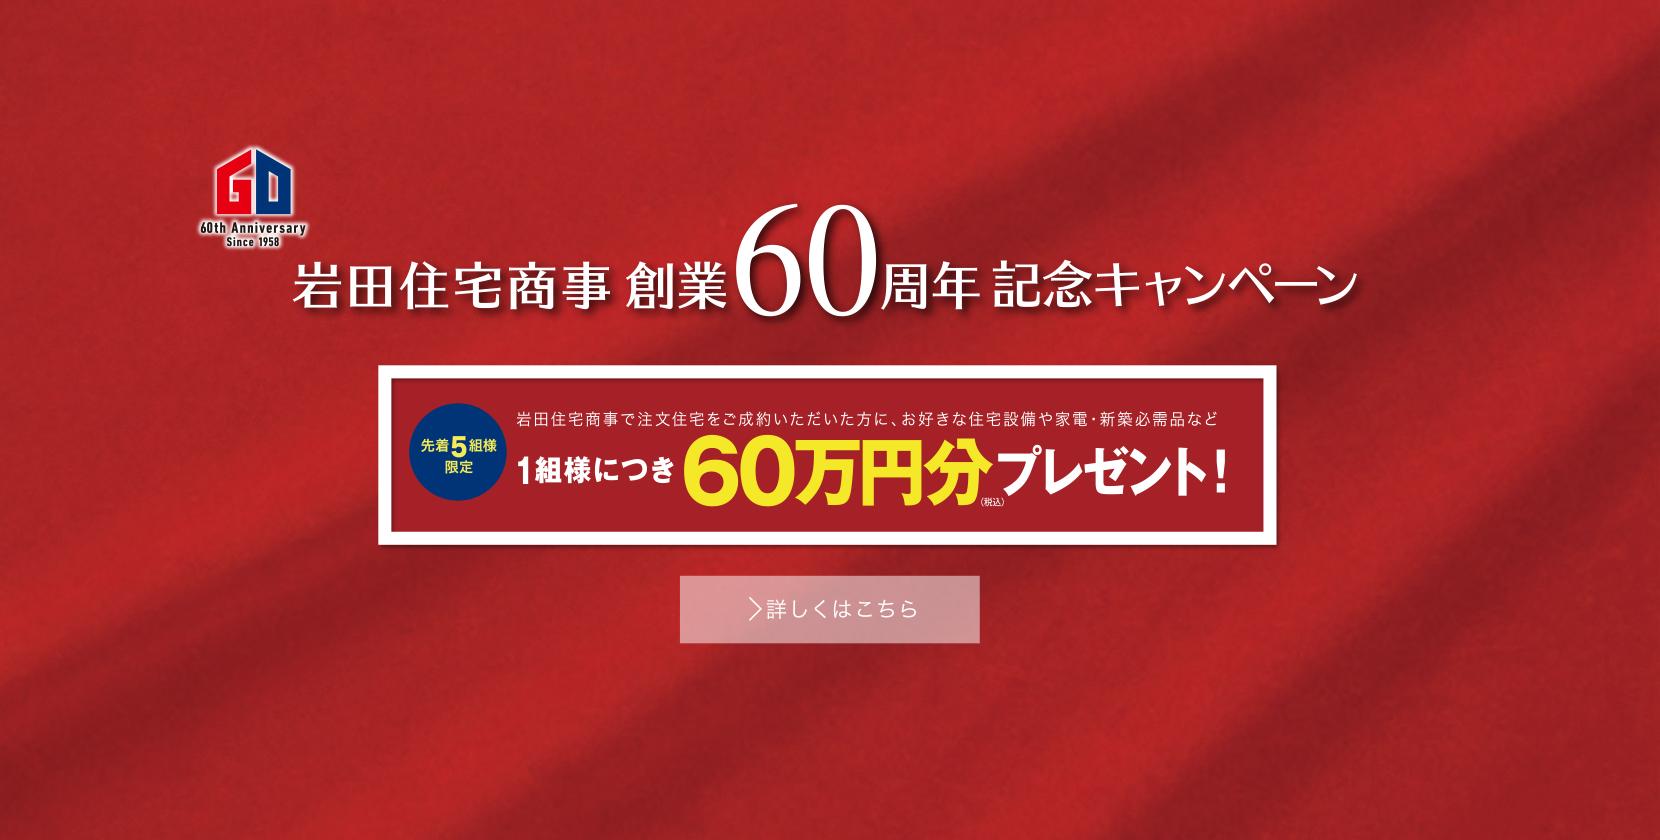 岩田住宅商事 創業60周年記念キャンペーン